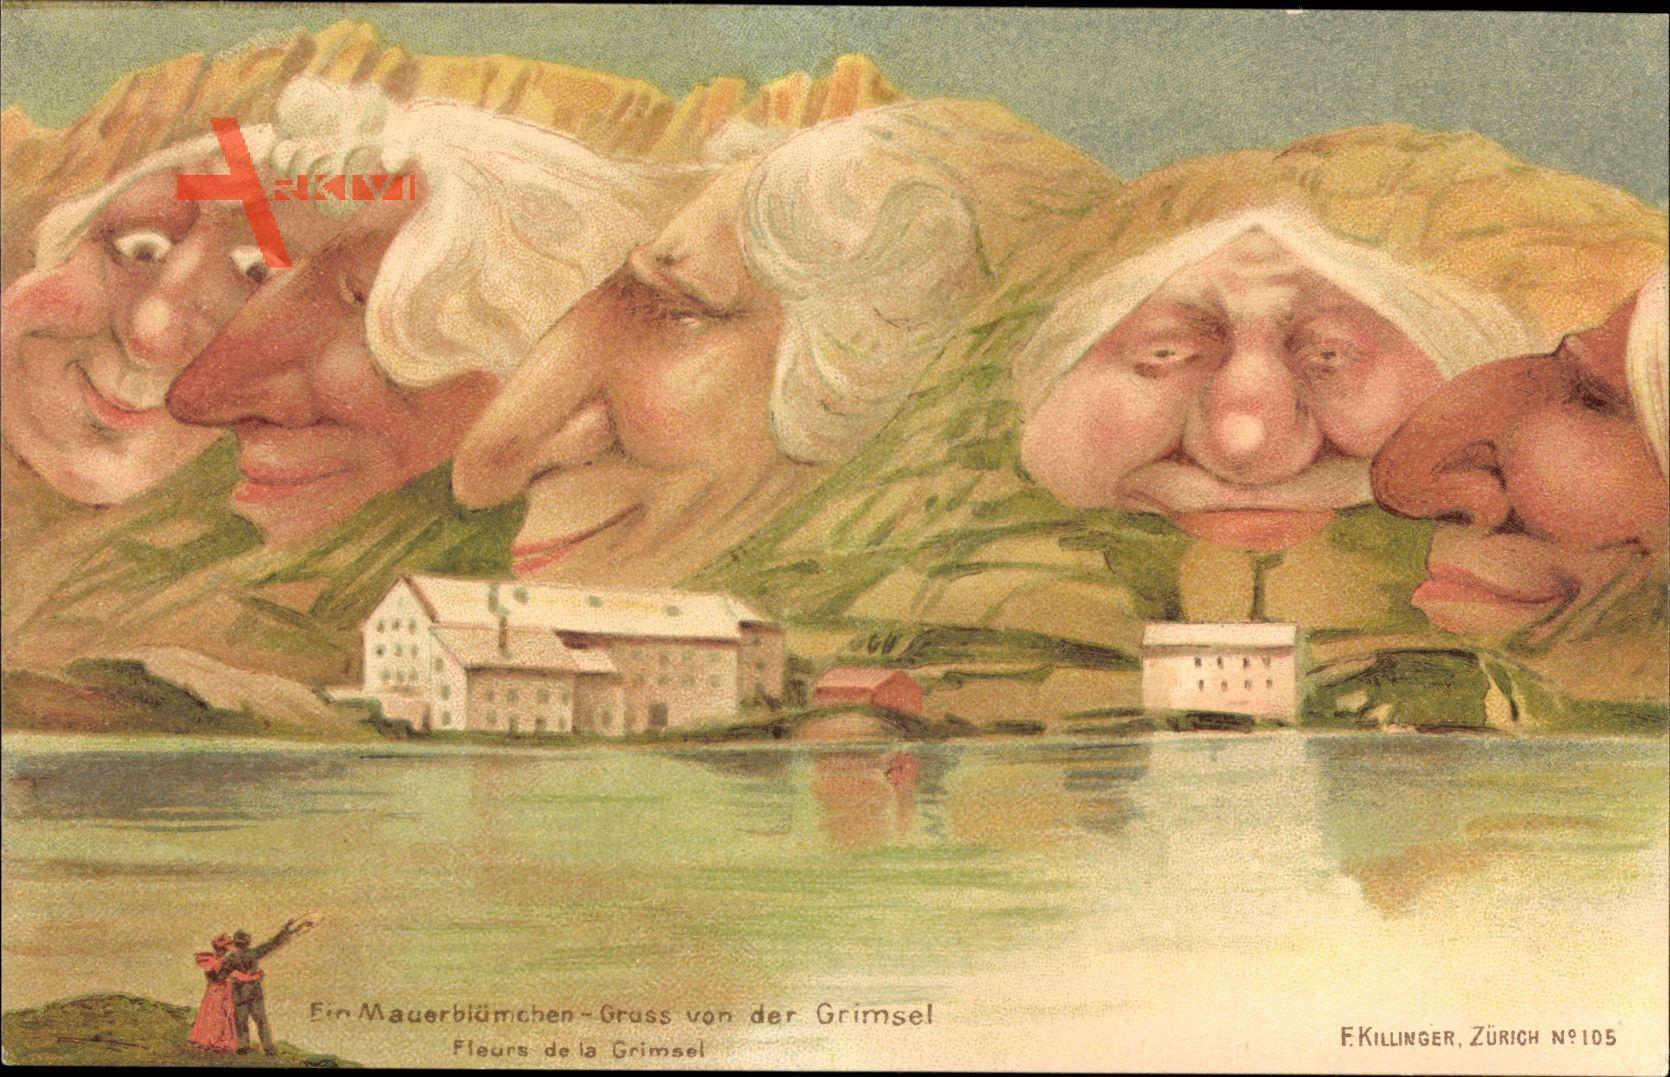 Ein Mauerblümchen, Grimsel, Berggesichter, Killinger No 105